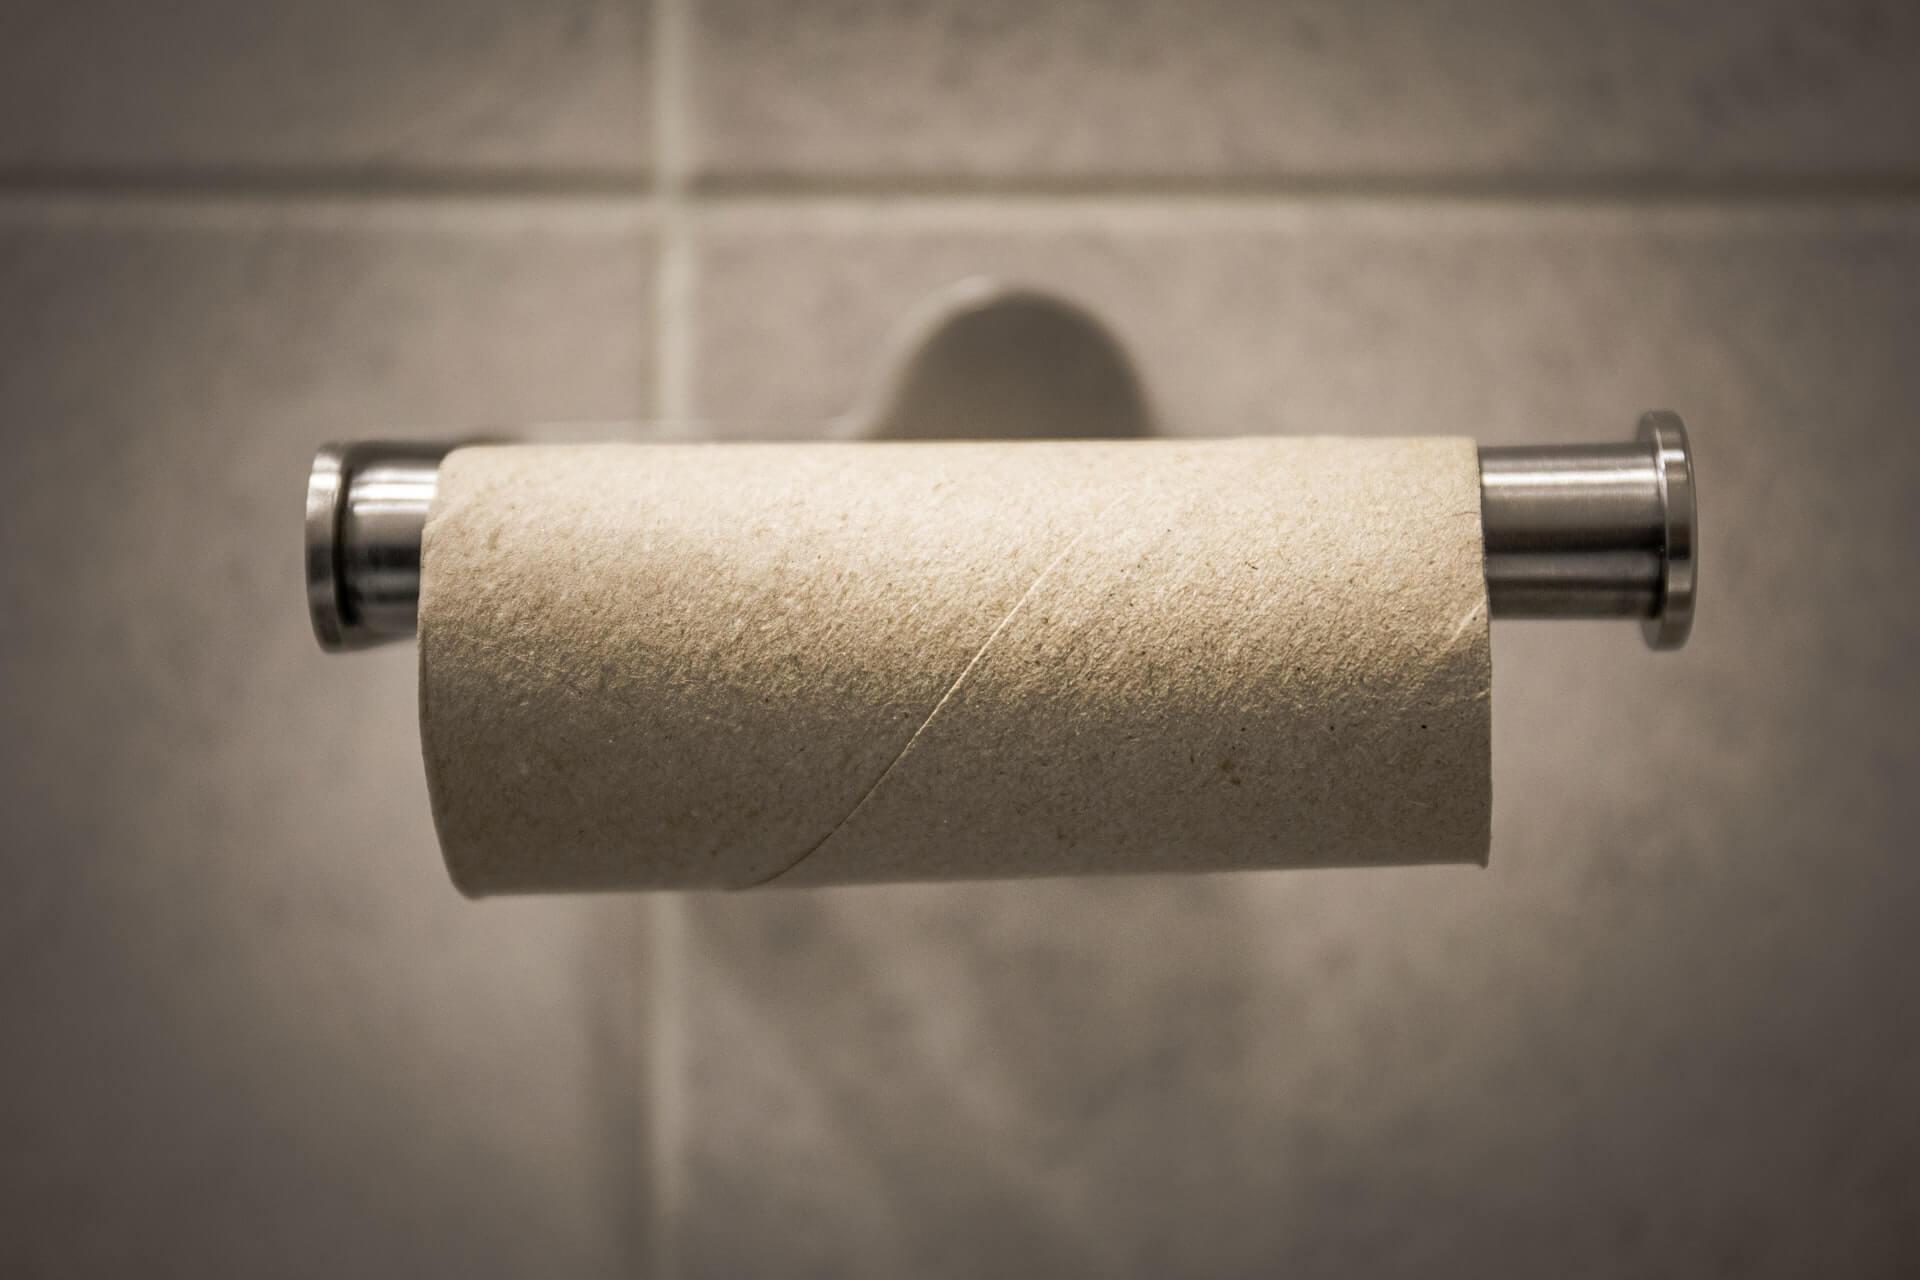 Tubo de cartón de papel higiénico.